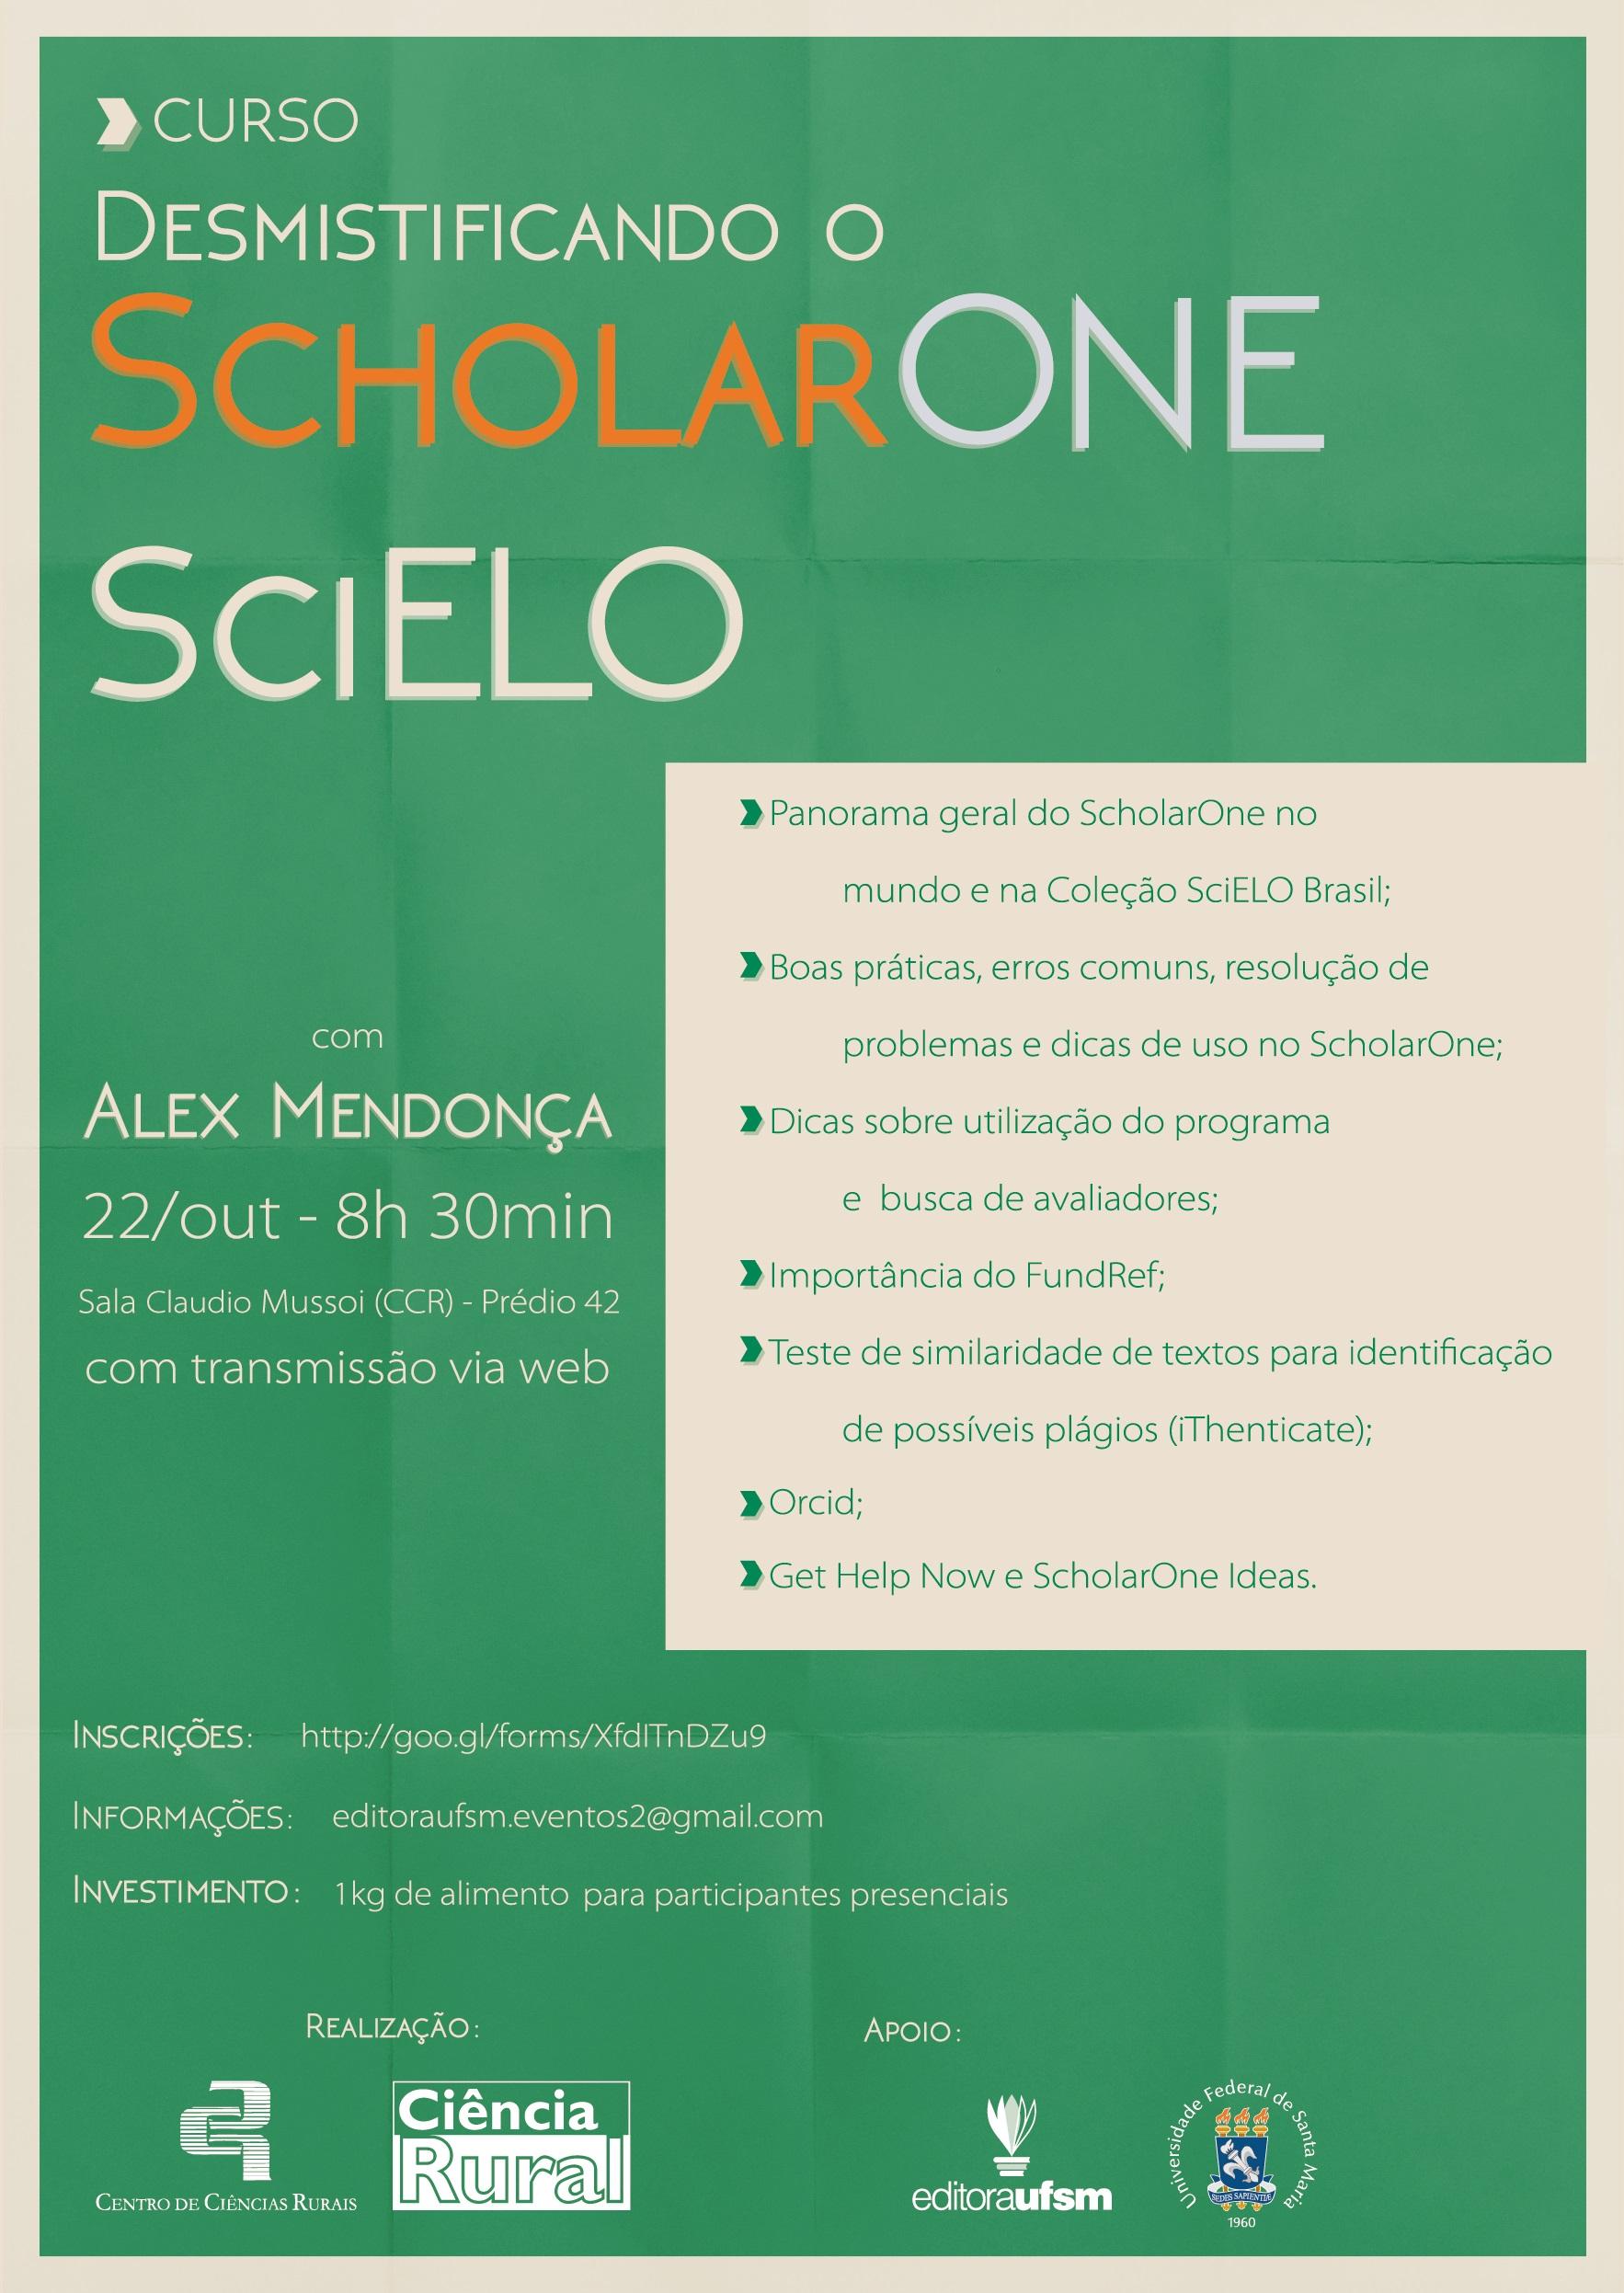 ScholarOne SciELO 1 1 1